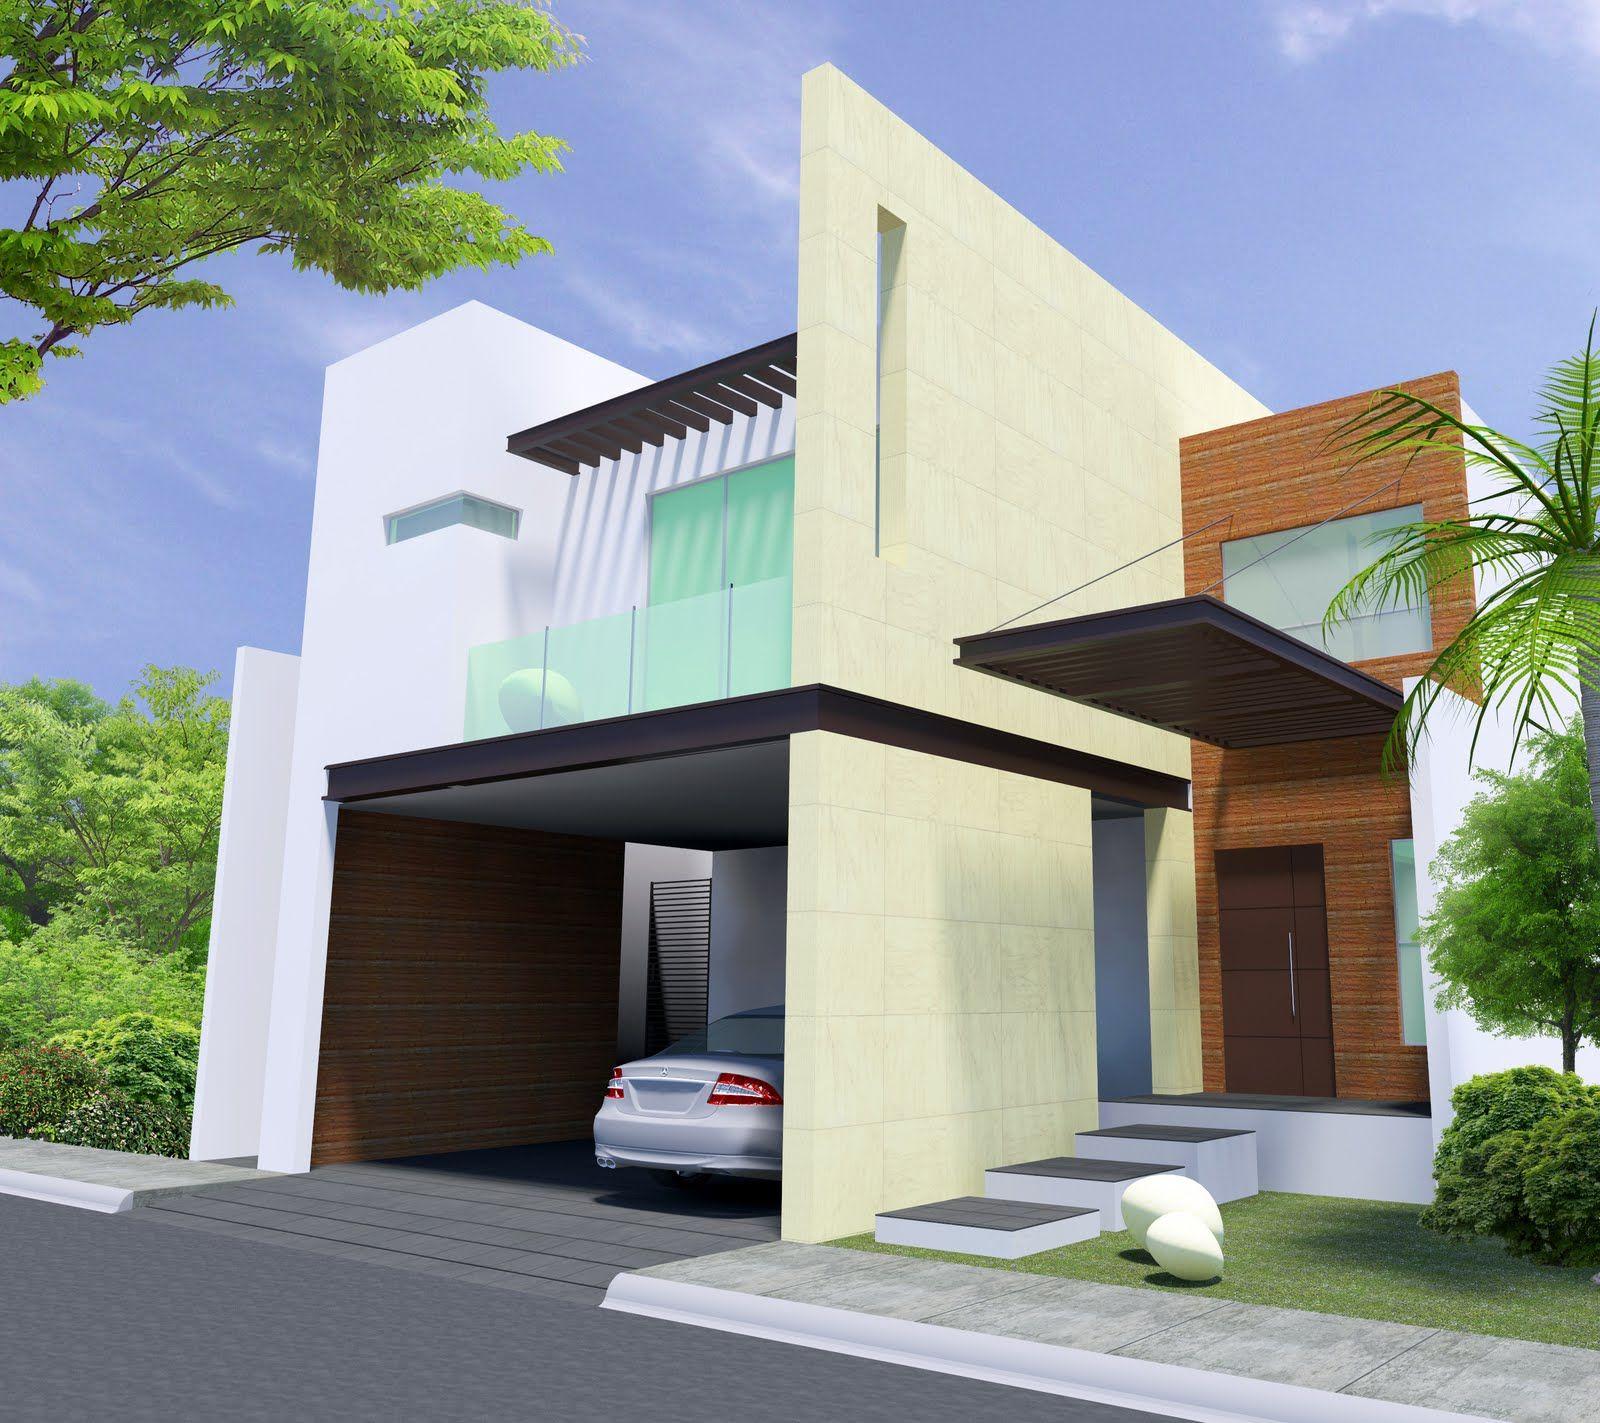 Kleines 2 schlafzimmer hausdesign pequeña vivienda estilo tradicional exteriores rústicos e